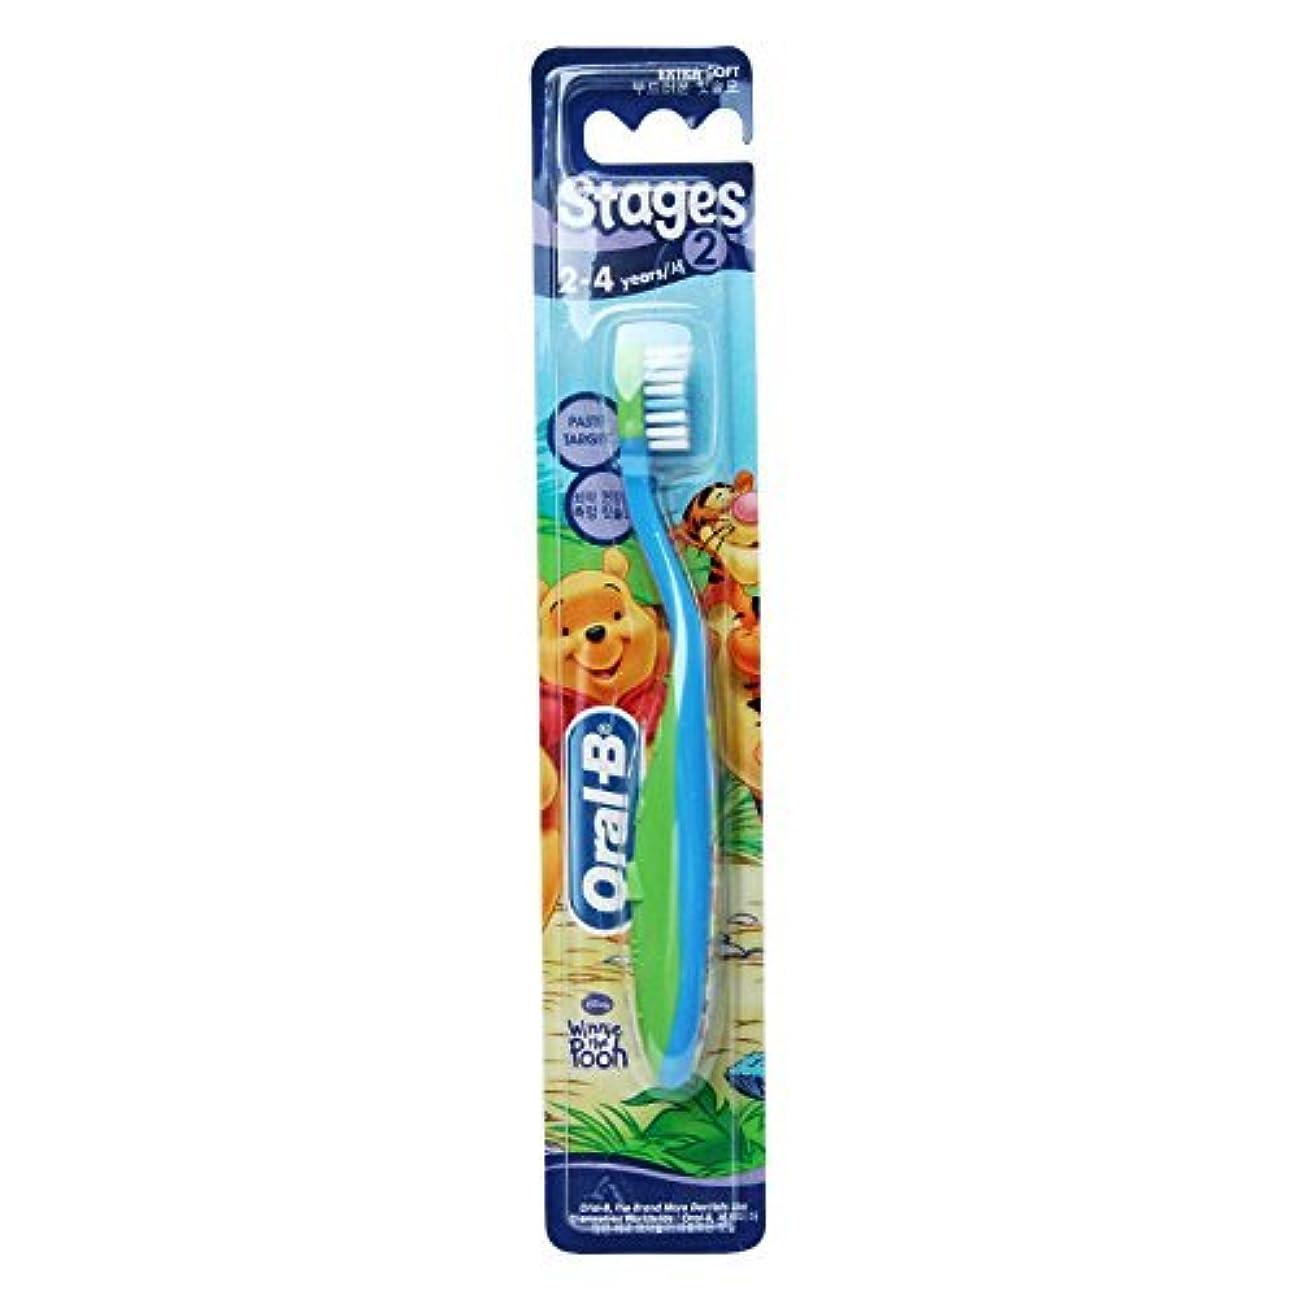 ベンチャー評価する応じるOral-B Stages 2 Toothbrush 2 - 4 years 1 Pack /GENUINEと元の梱包 [並行輸入品]